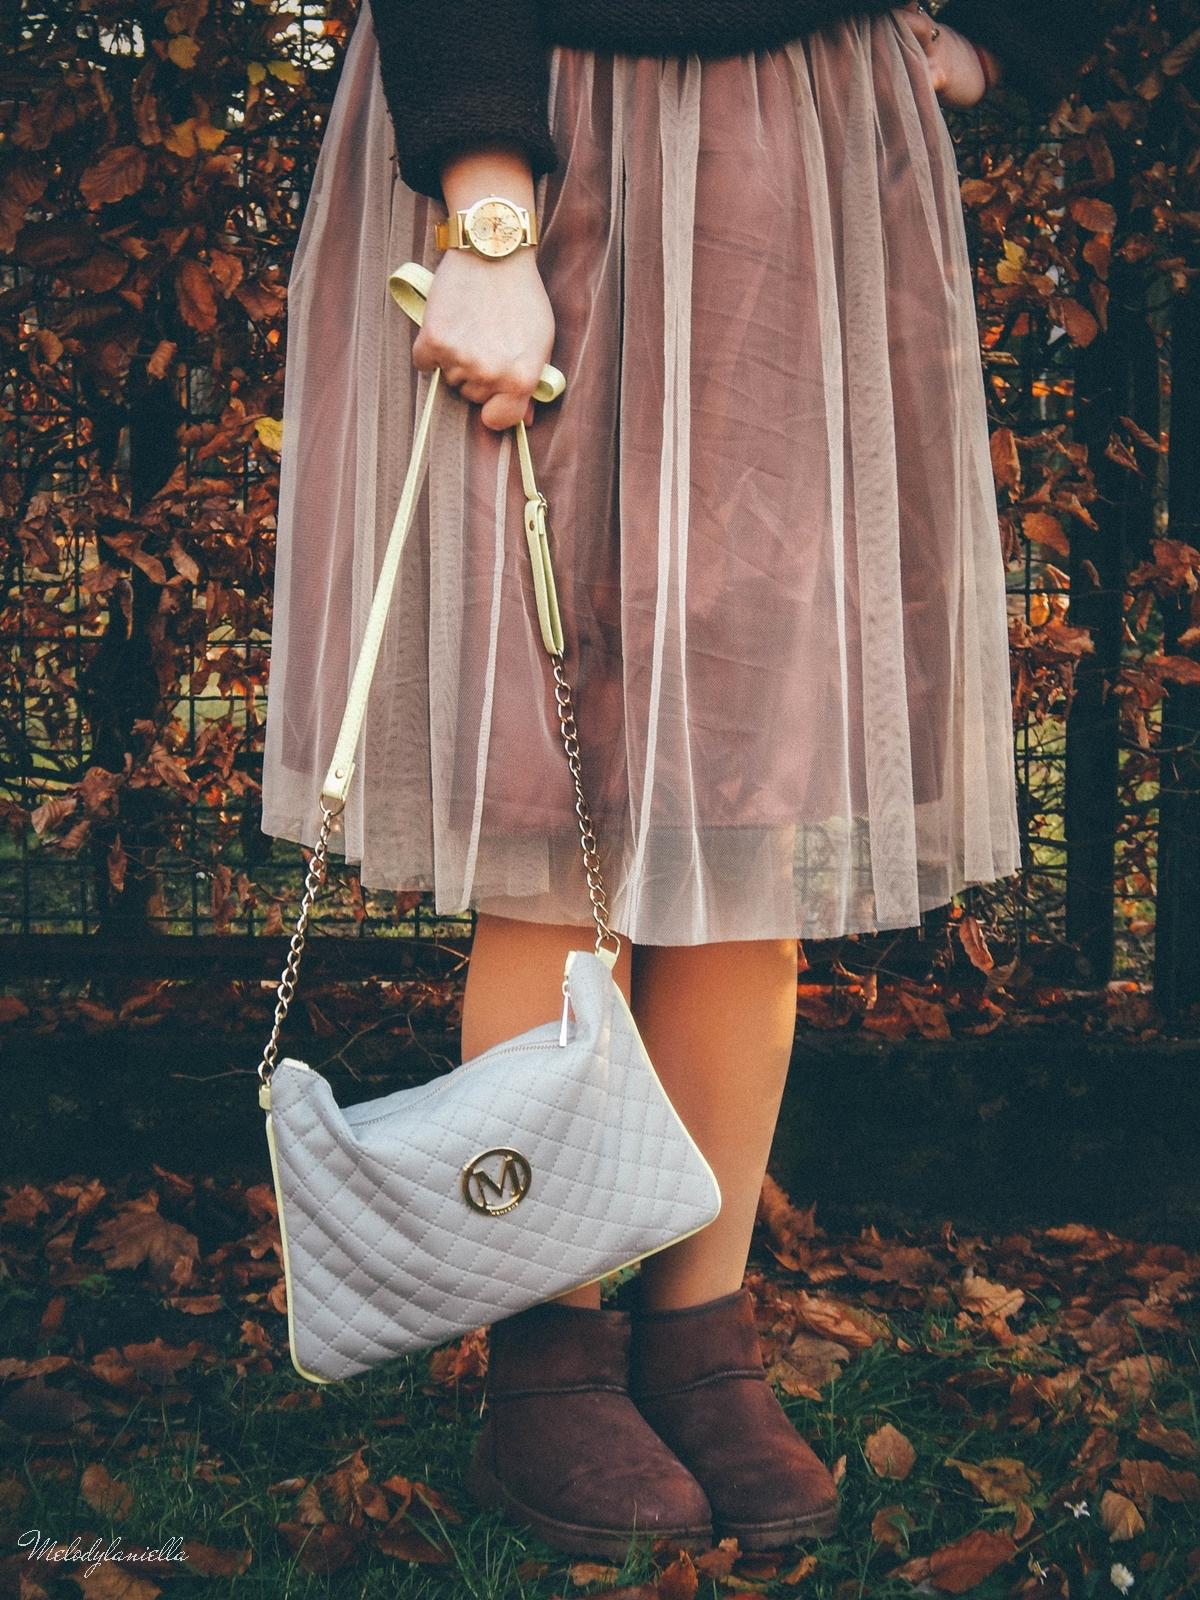 4. jesienna stylizacja tutu tiulowa spódnica dla dorosłych brązowy sweter torebka manzana melodylaniella autumn style fashion ciekawa stylizacja na jesień brązowa spódnica.jpg manzana